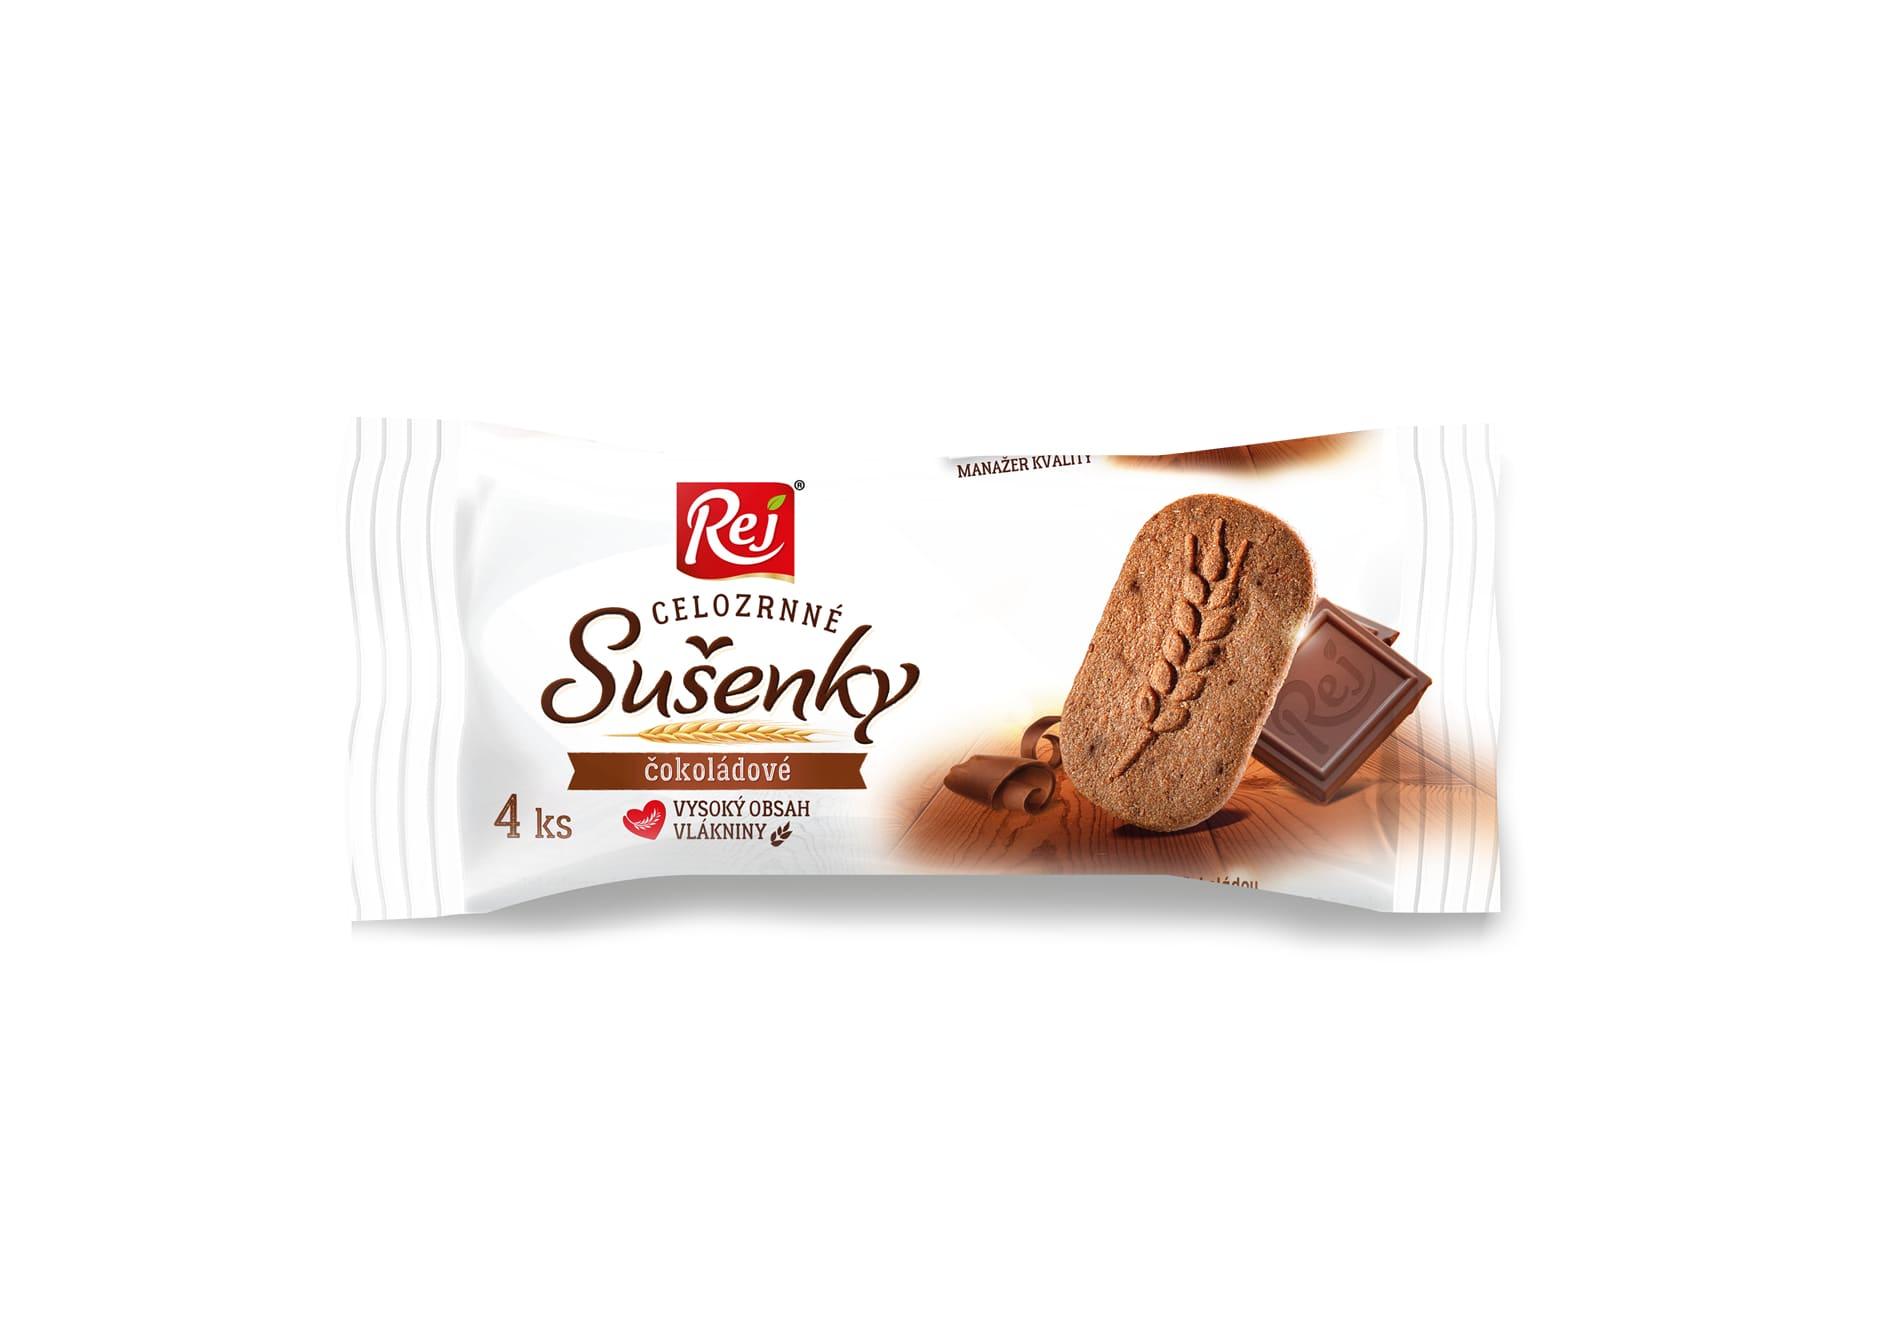 Rej Susenky klasy celozrnne cokoladove 34g